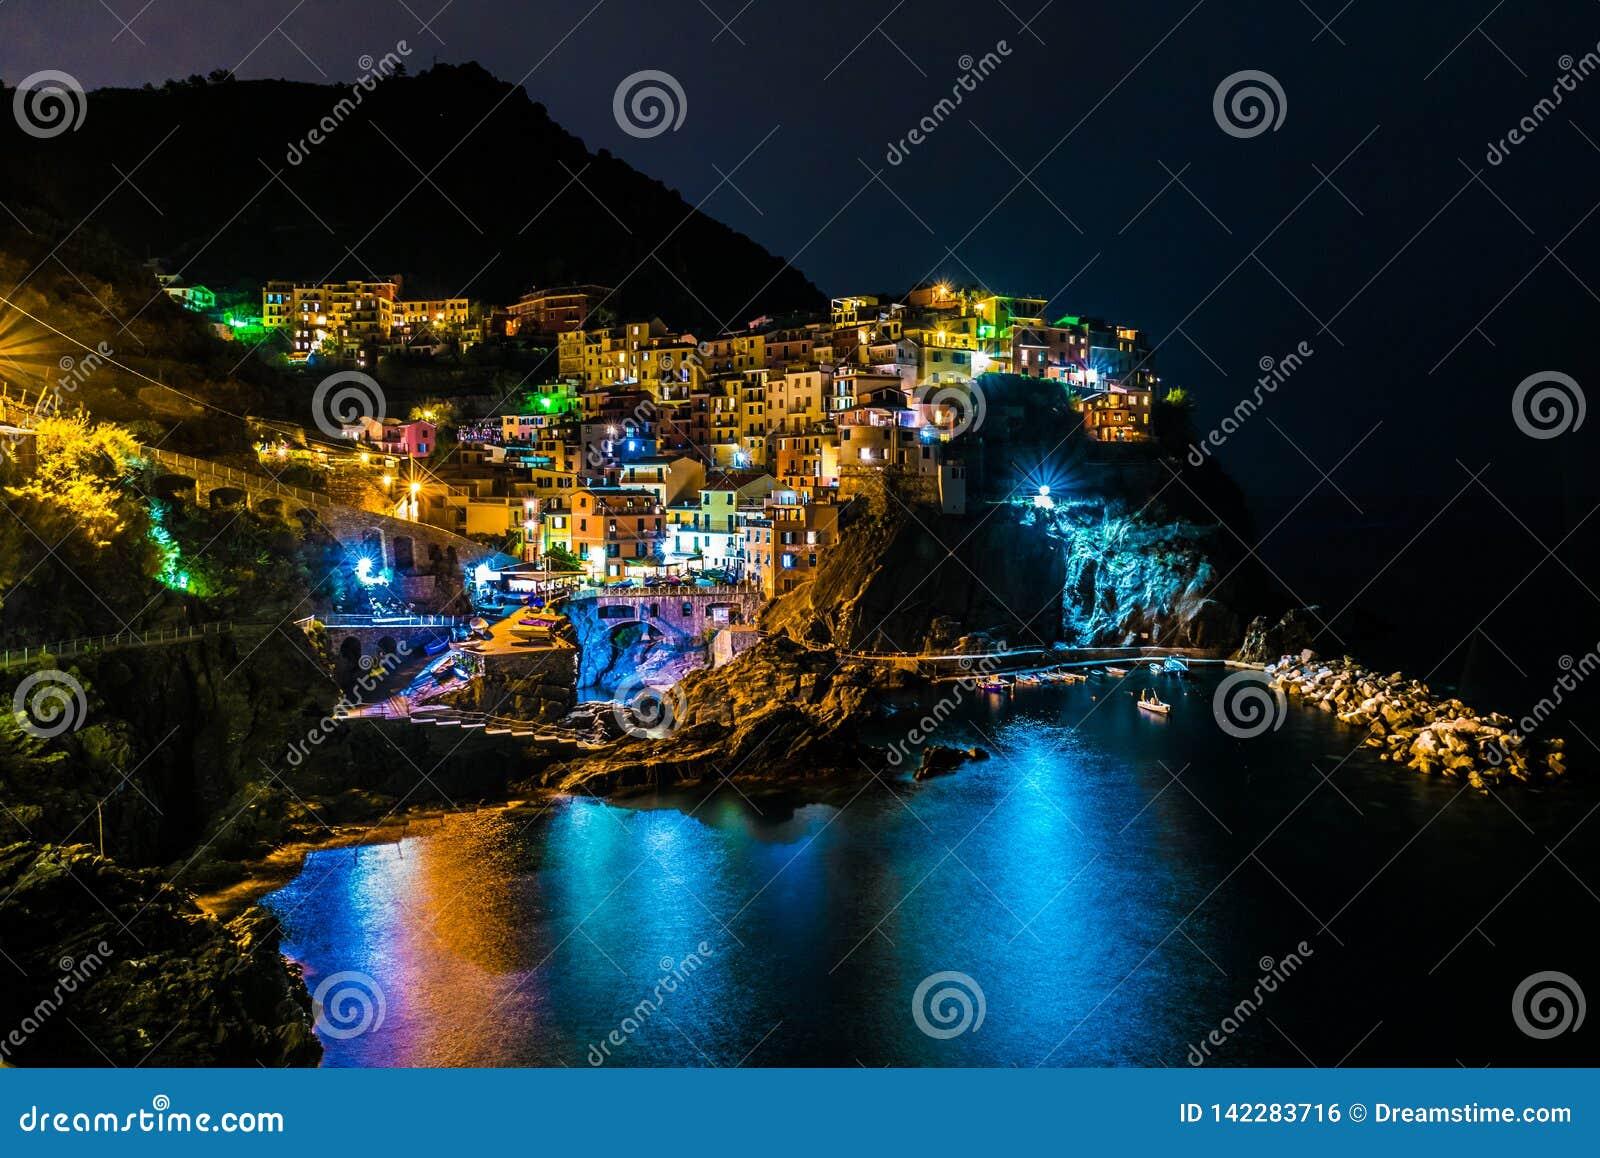 Night Landscape in Manarola Cinque Terre Italy